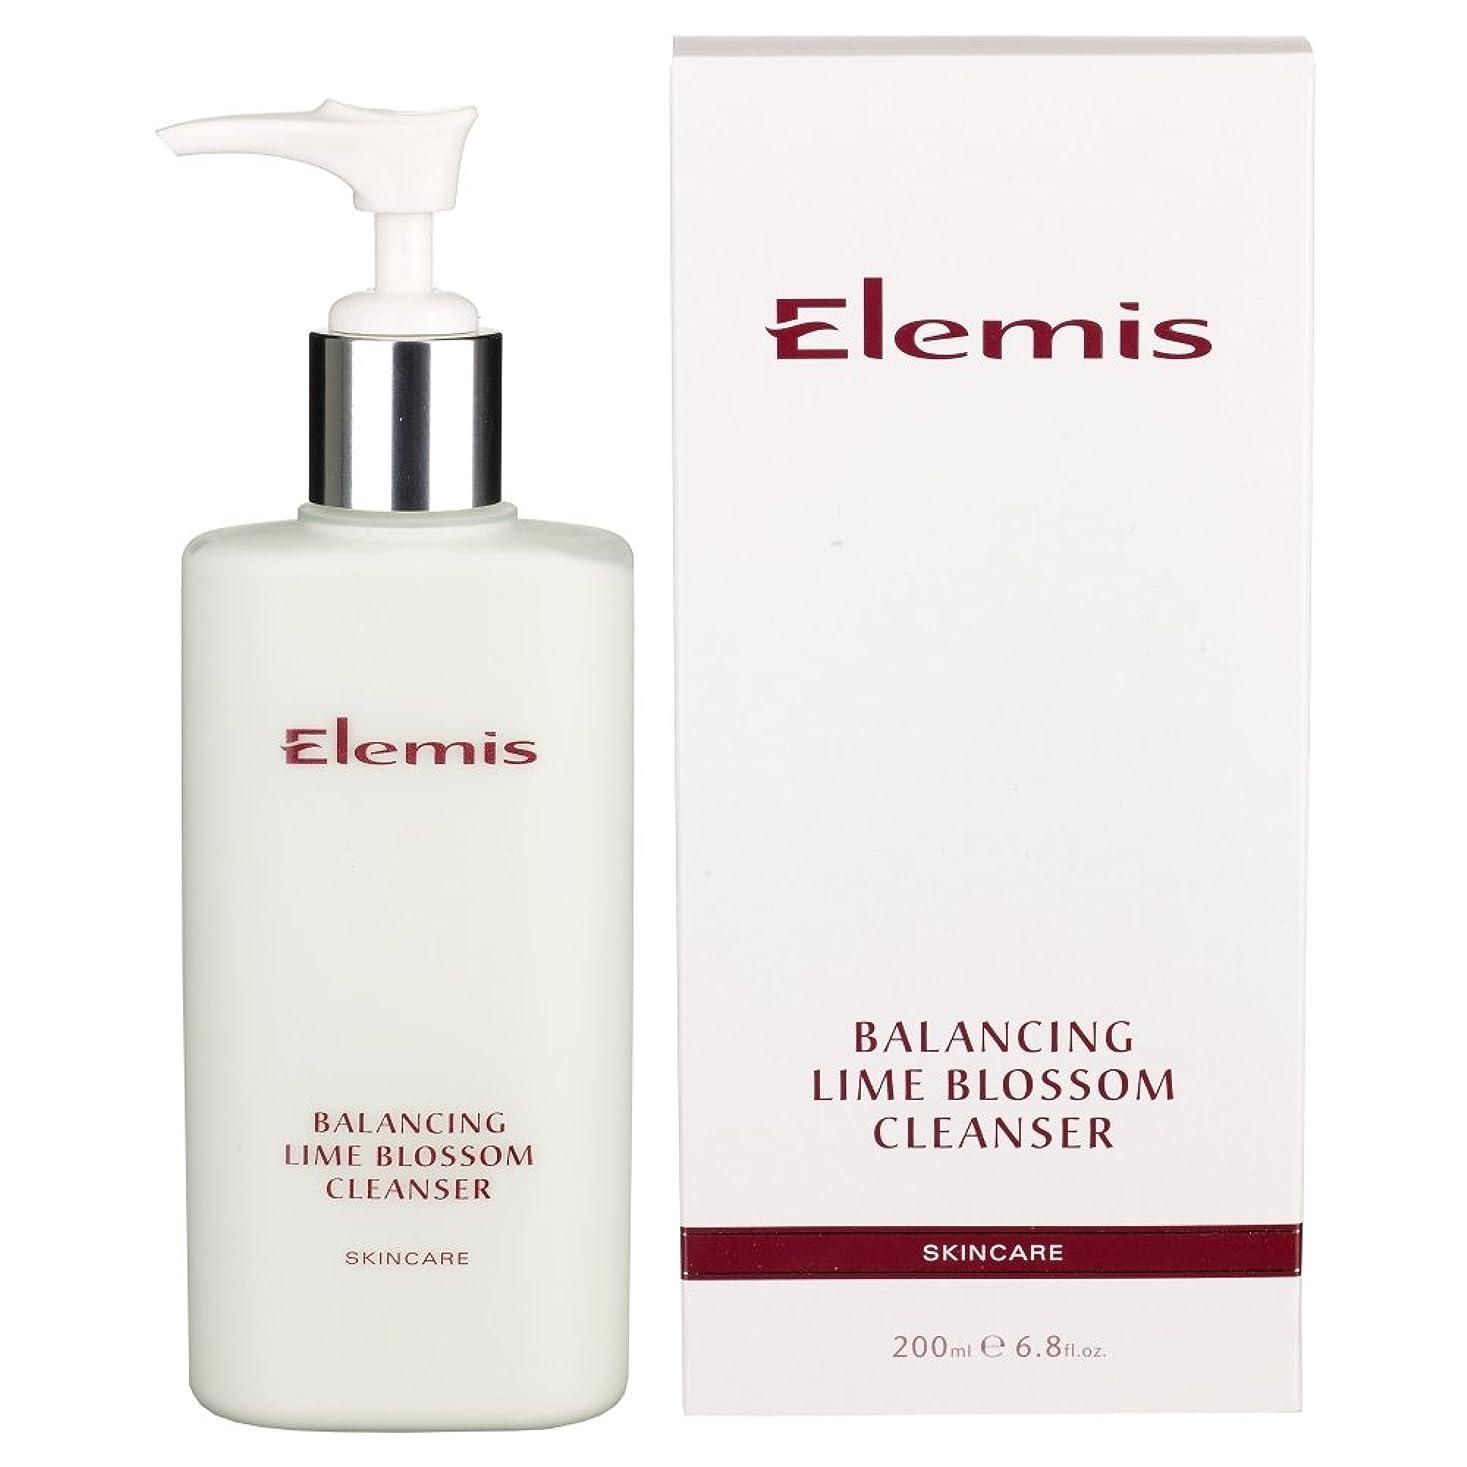 狼穏やかな前者ライムブロッサムクレンザーのバランスをとります (Elemis) (x2) - Balancing Lime Blossom Cleanser (Pack of 2) [並行輸入品]